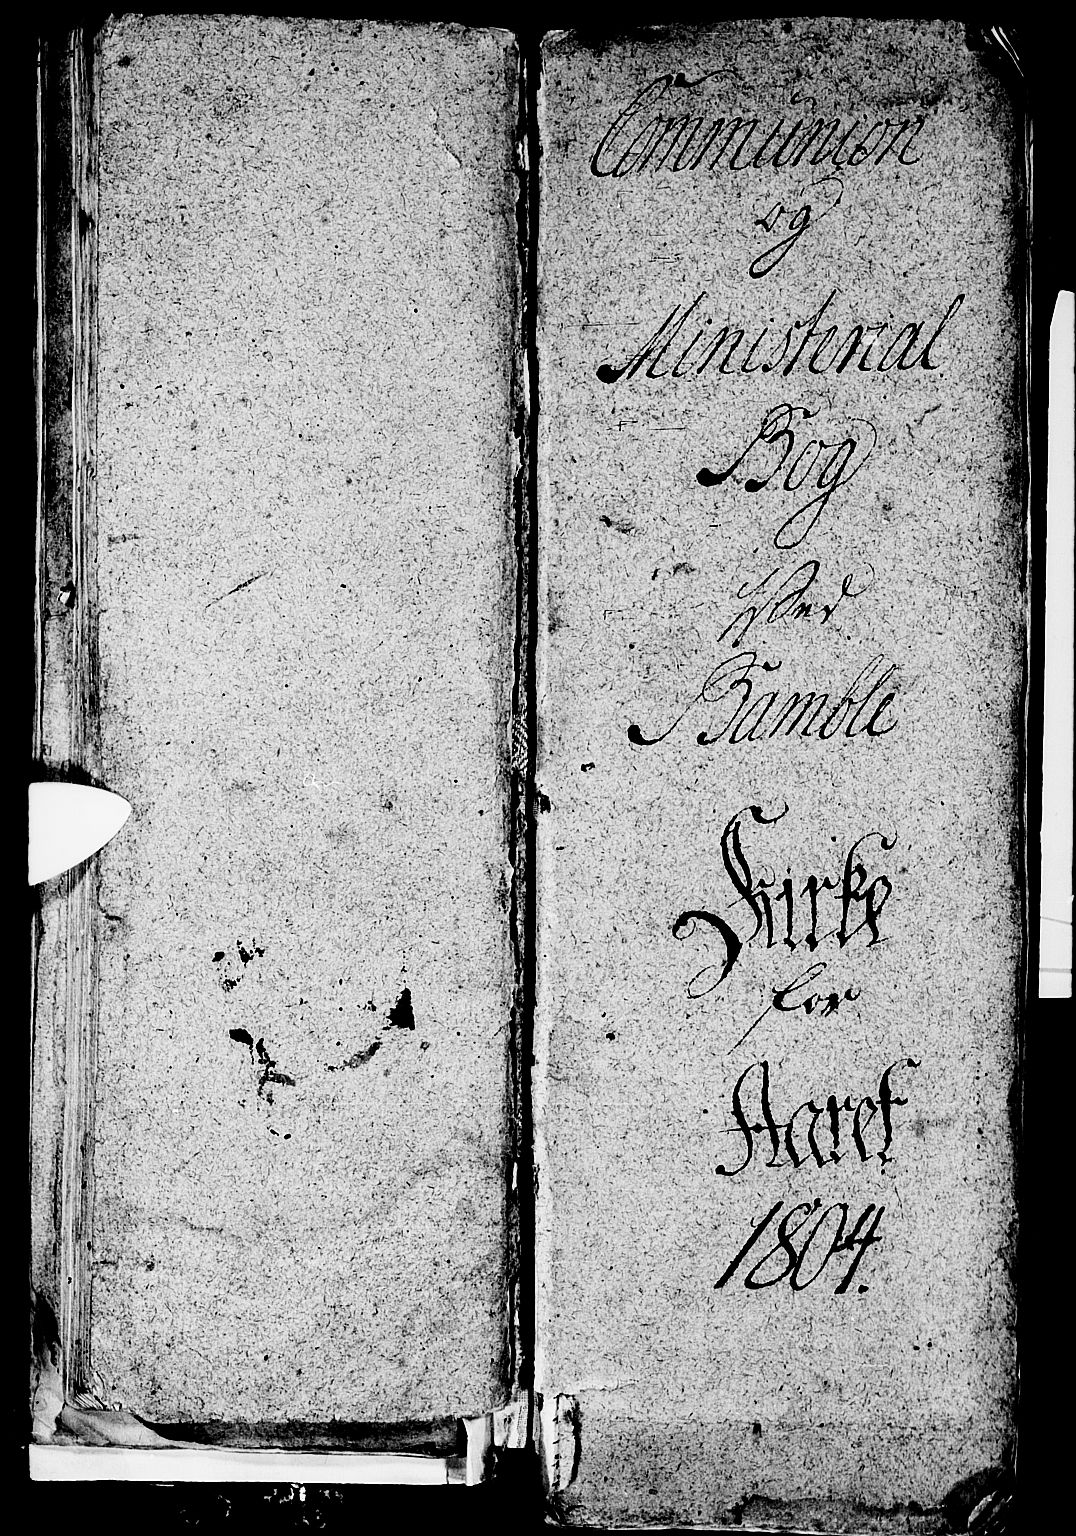 SAKO, Bamble kirkebøker, G/Ga/L0003: Klokkerbok nr. I 3, 1802-1807